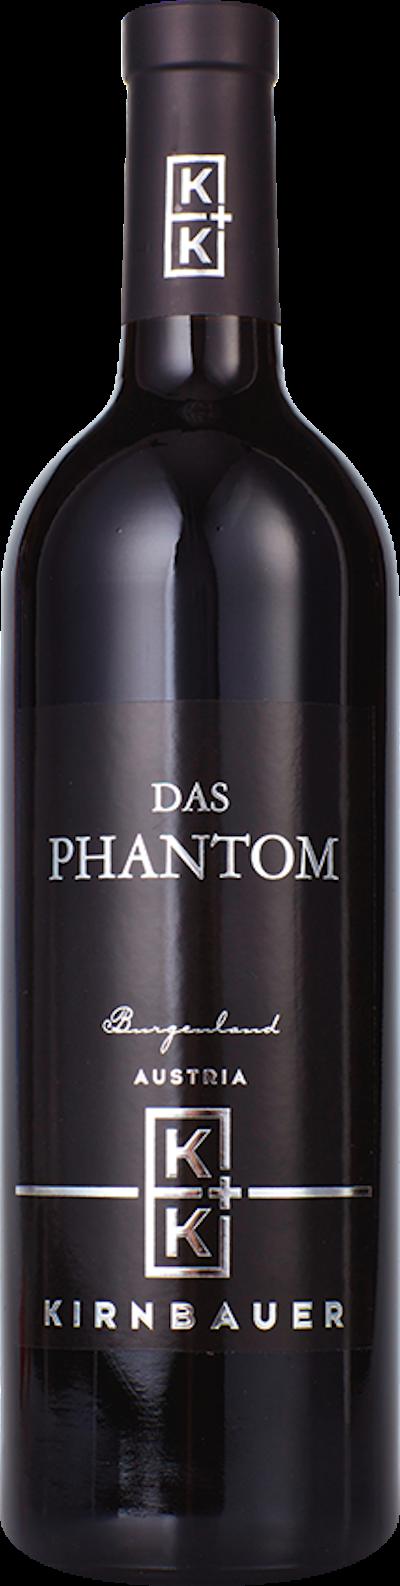 K+K Kirnbauer - Das Phantom Halbflasche